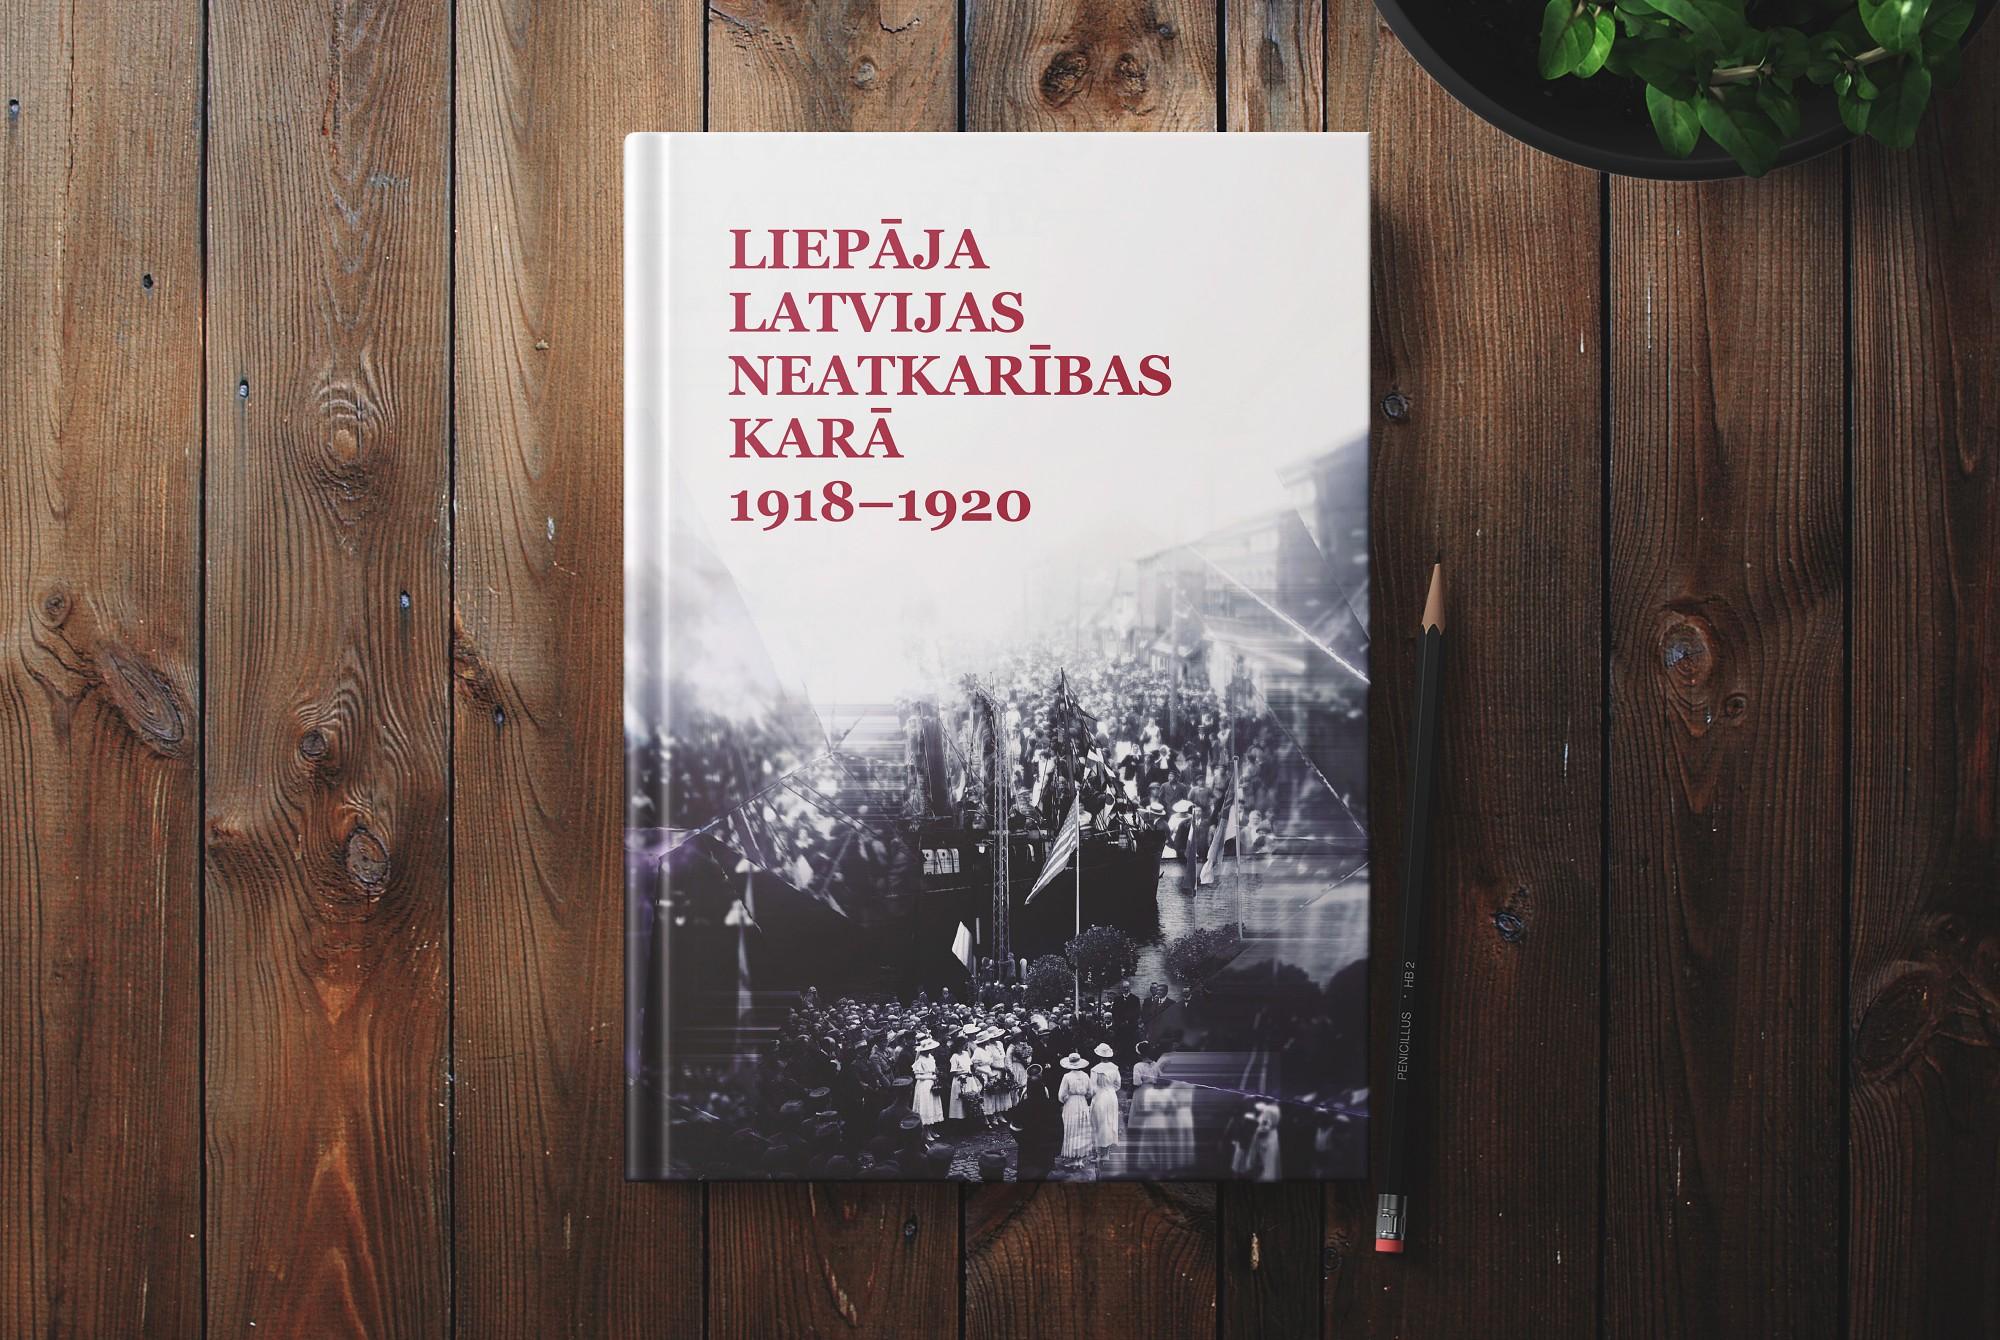 Muzejā atvērs rakstu krājumu, kas veltīts Latvijas Neatkarības kara notikumiem Liepājā